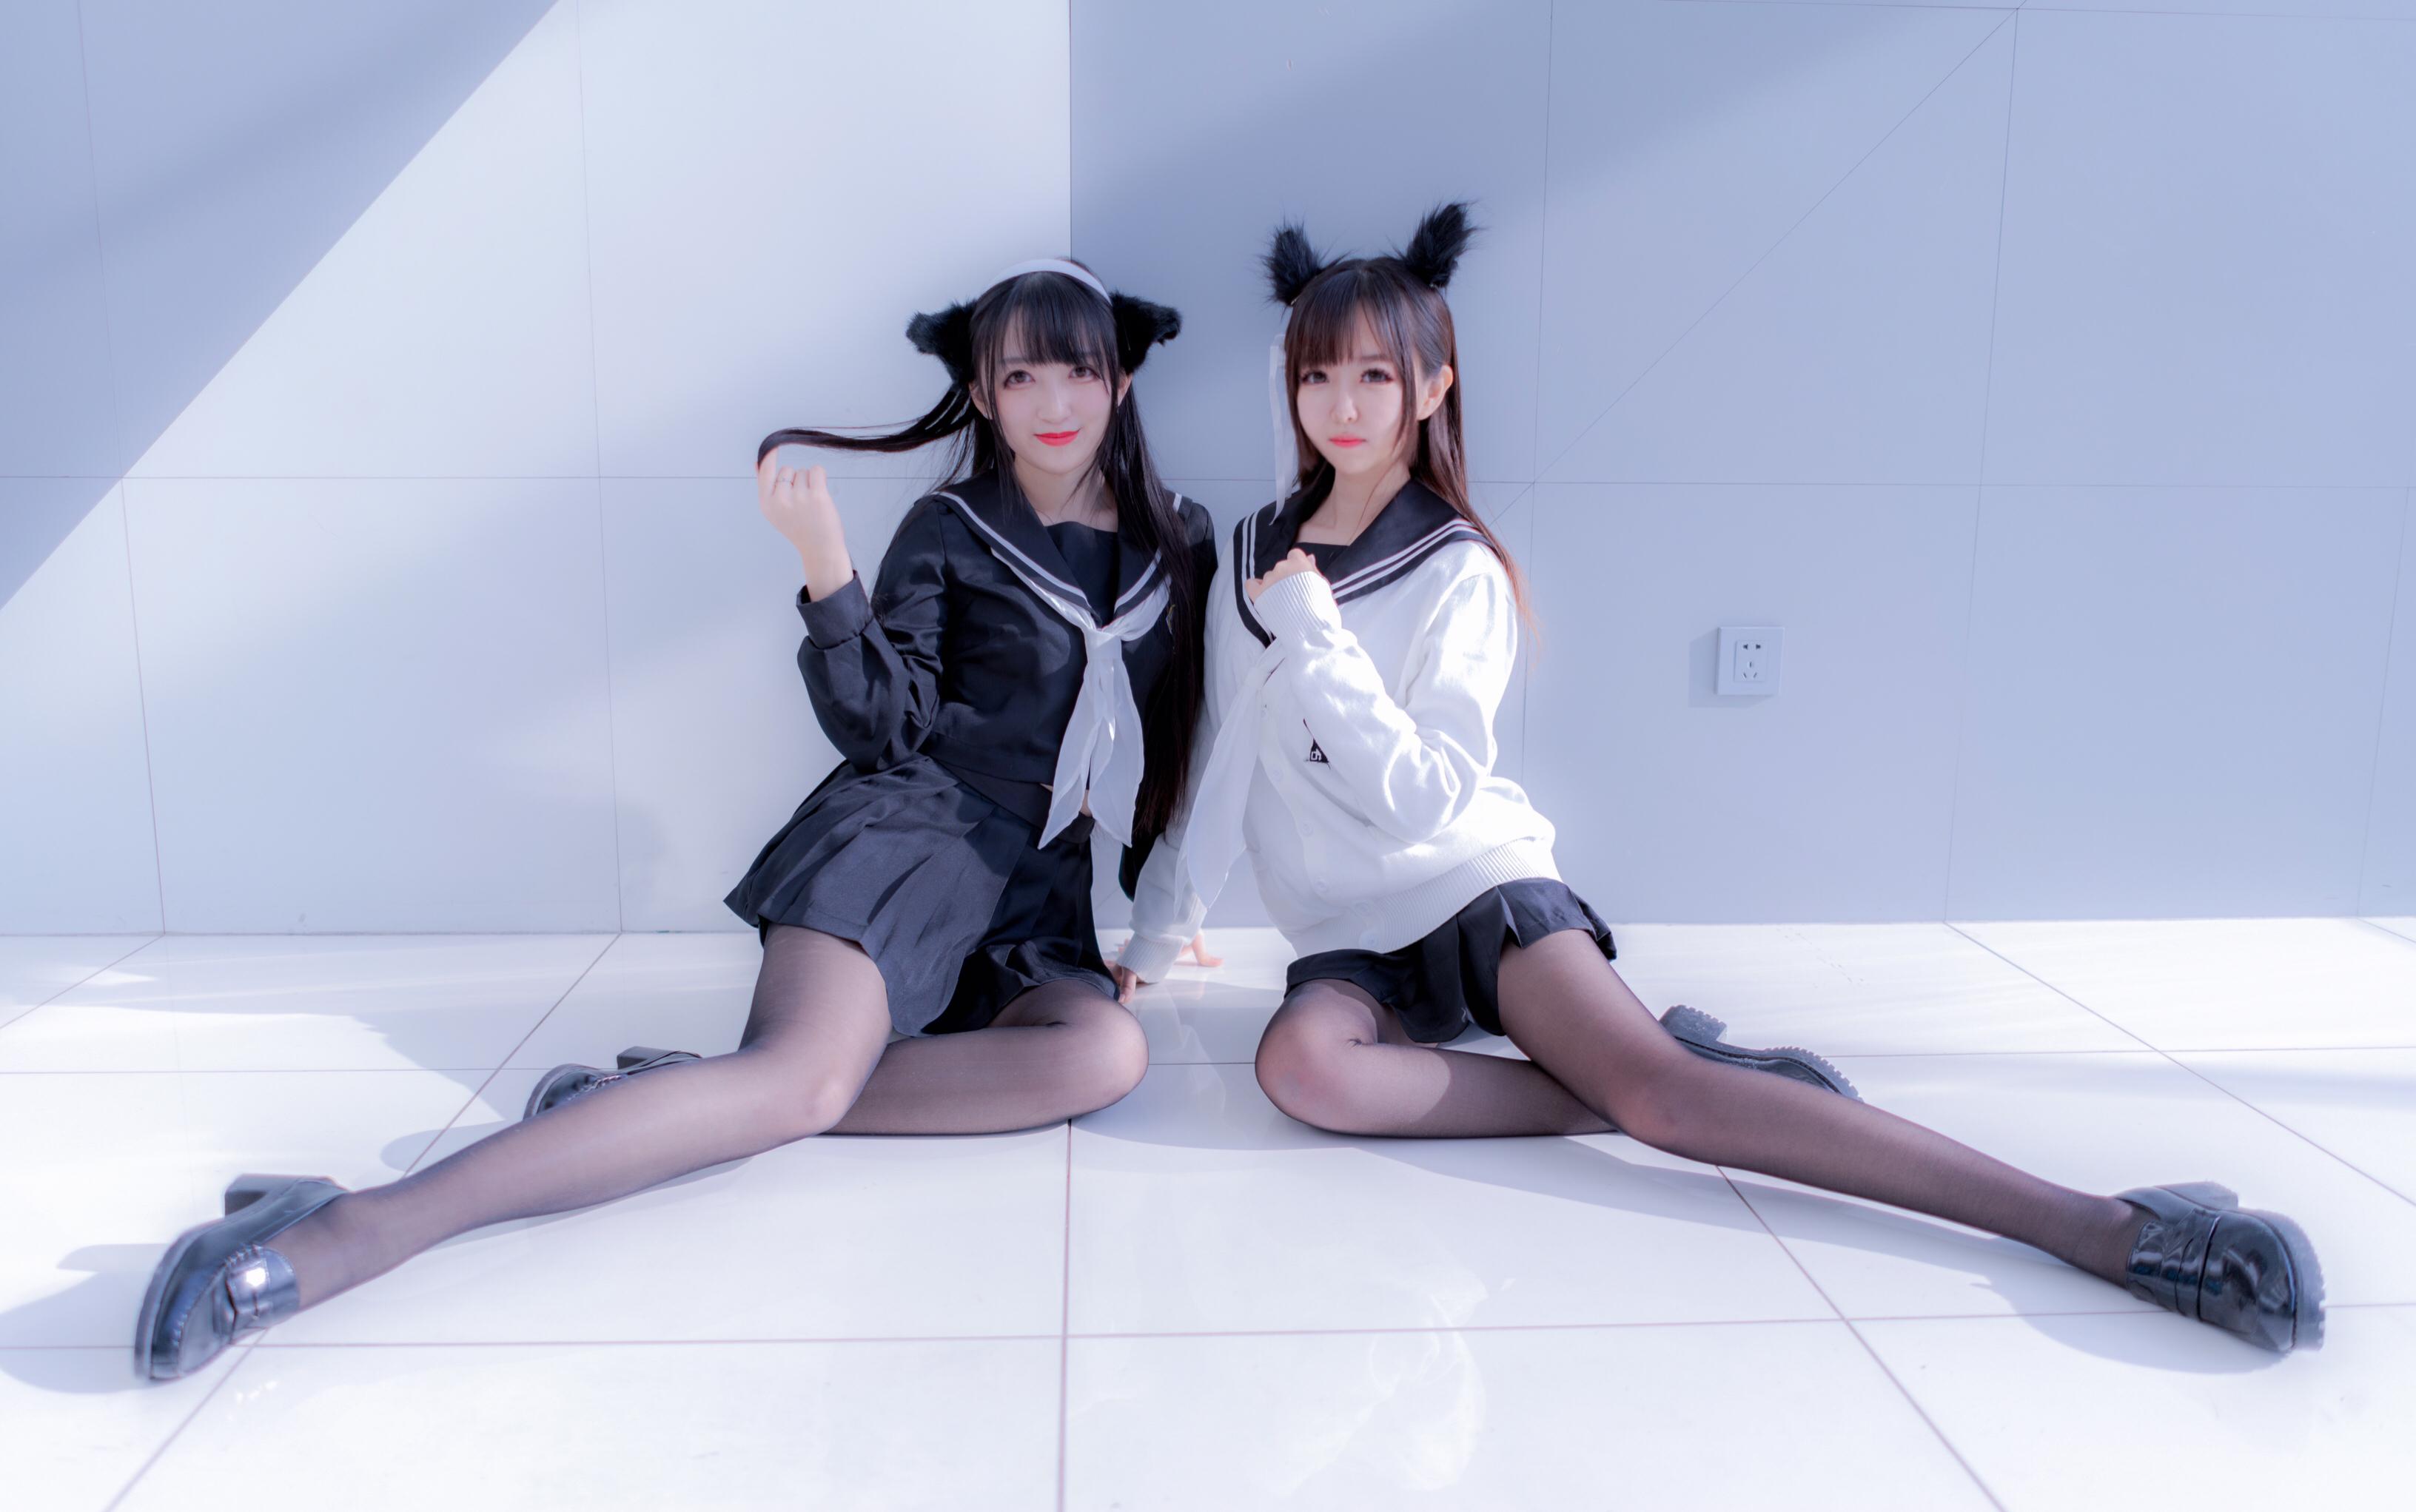 【白依x西瓜新】兔子舞 【结尾诶嘿嘿~】